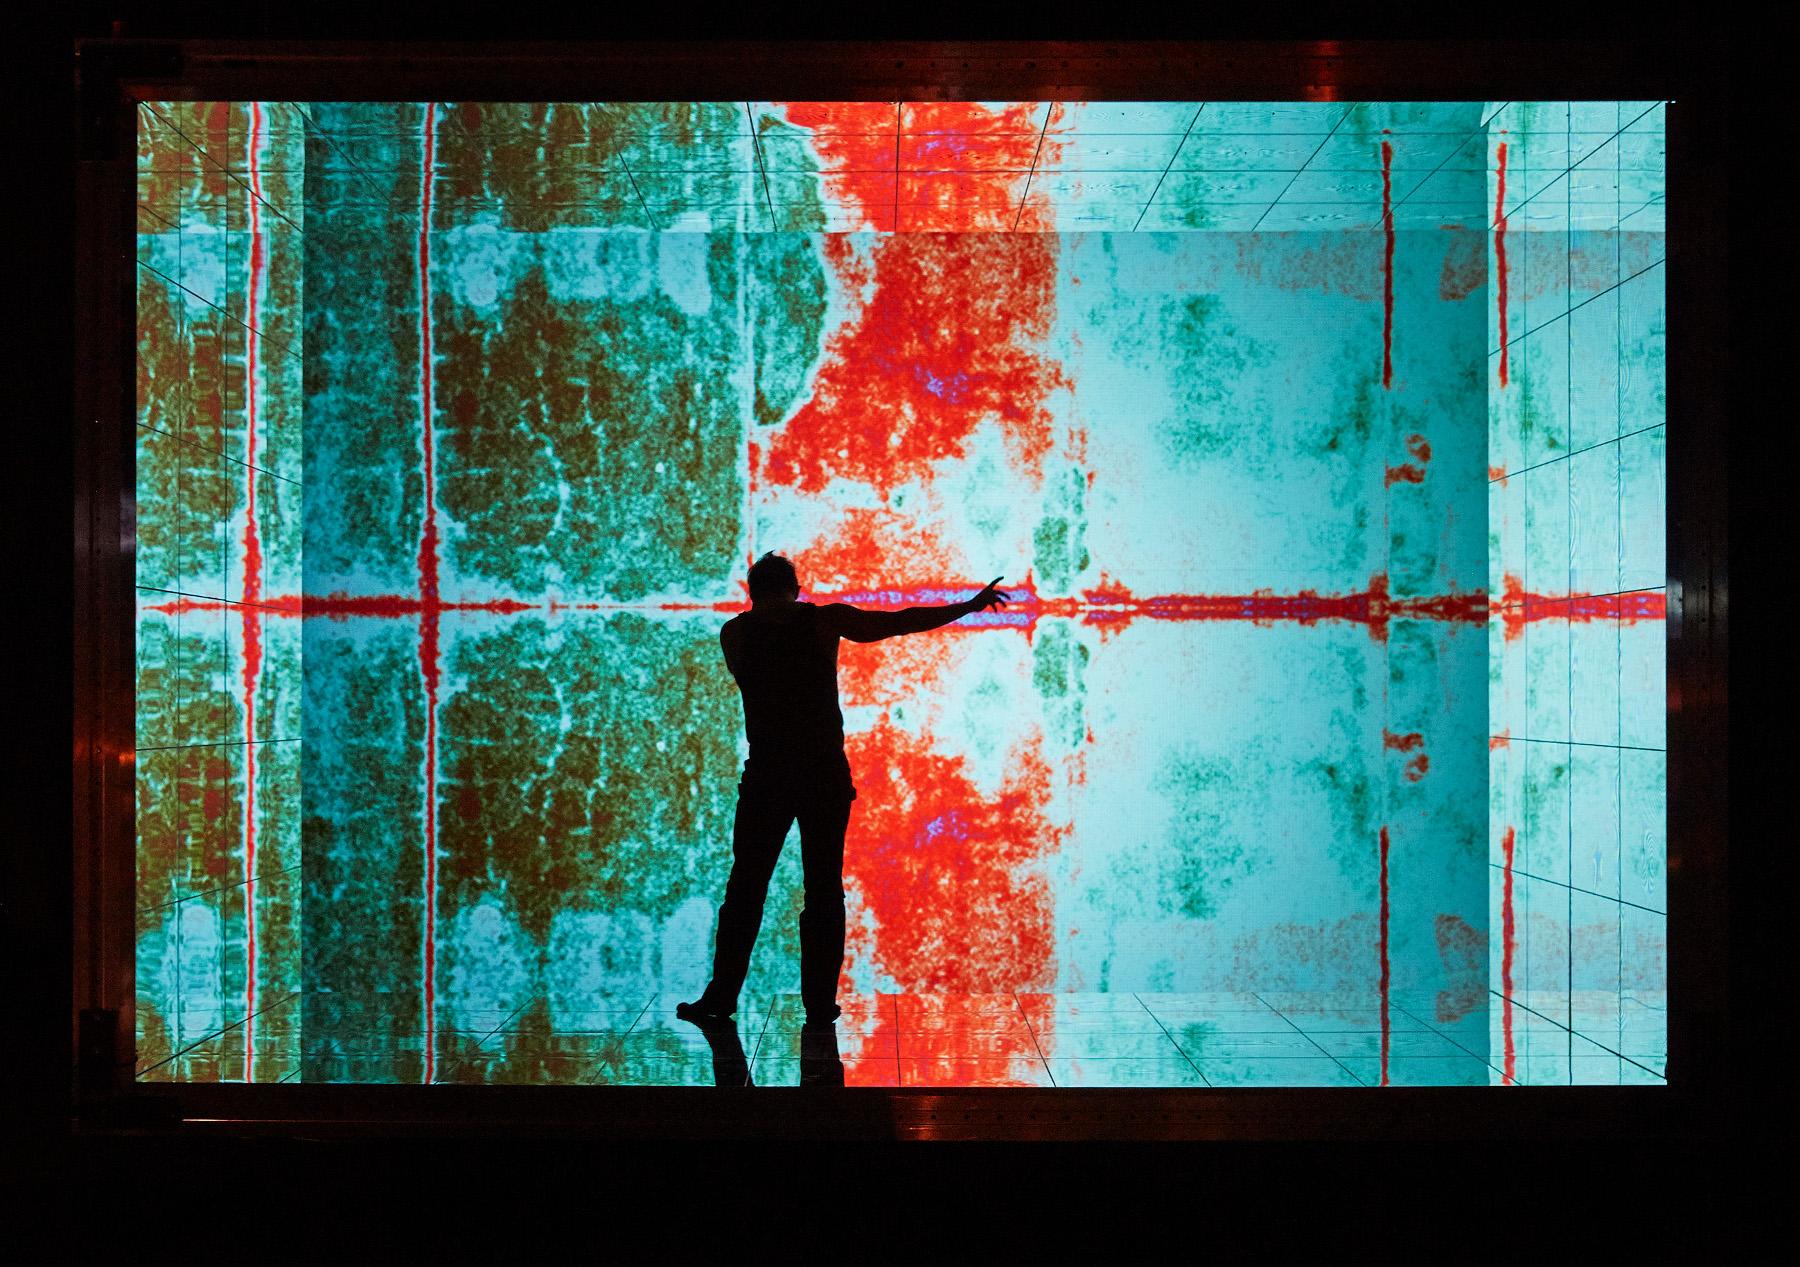 """So kommt man mit wenig Material und einer guten Idee zu einer großen Wirkung. R. Hot (Martin Koch) als Silhouette im Bühnenbild von Okarina Peter und Timo Dentler, """"R. Hot bzw. Die Hitze"""" von Friedrich Goldmann an der Semperoper Dresden, Foto: Nik Schölzel"""